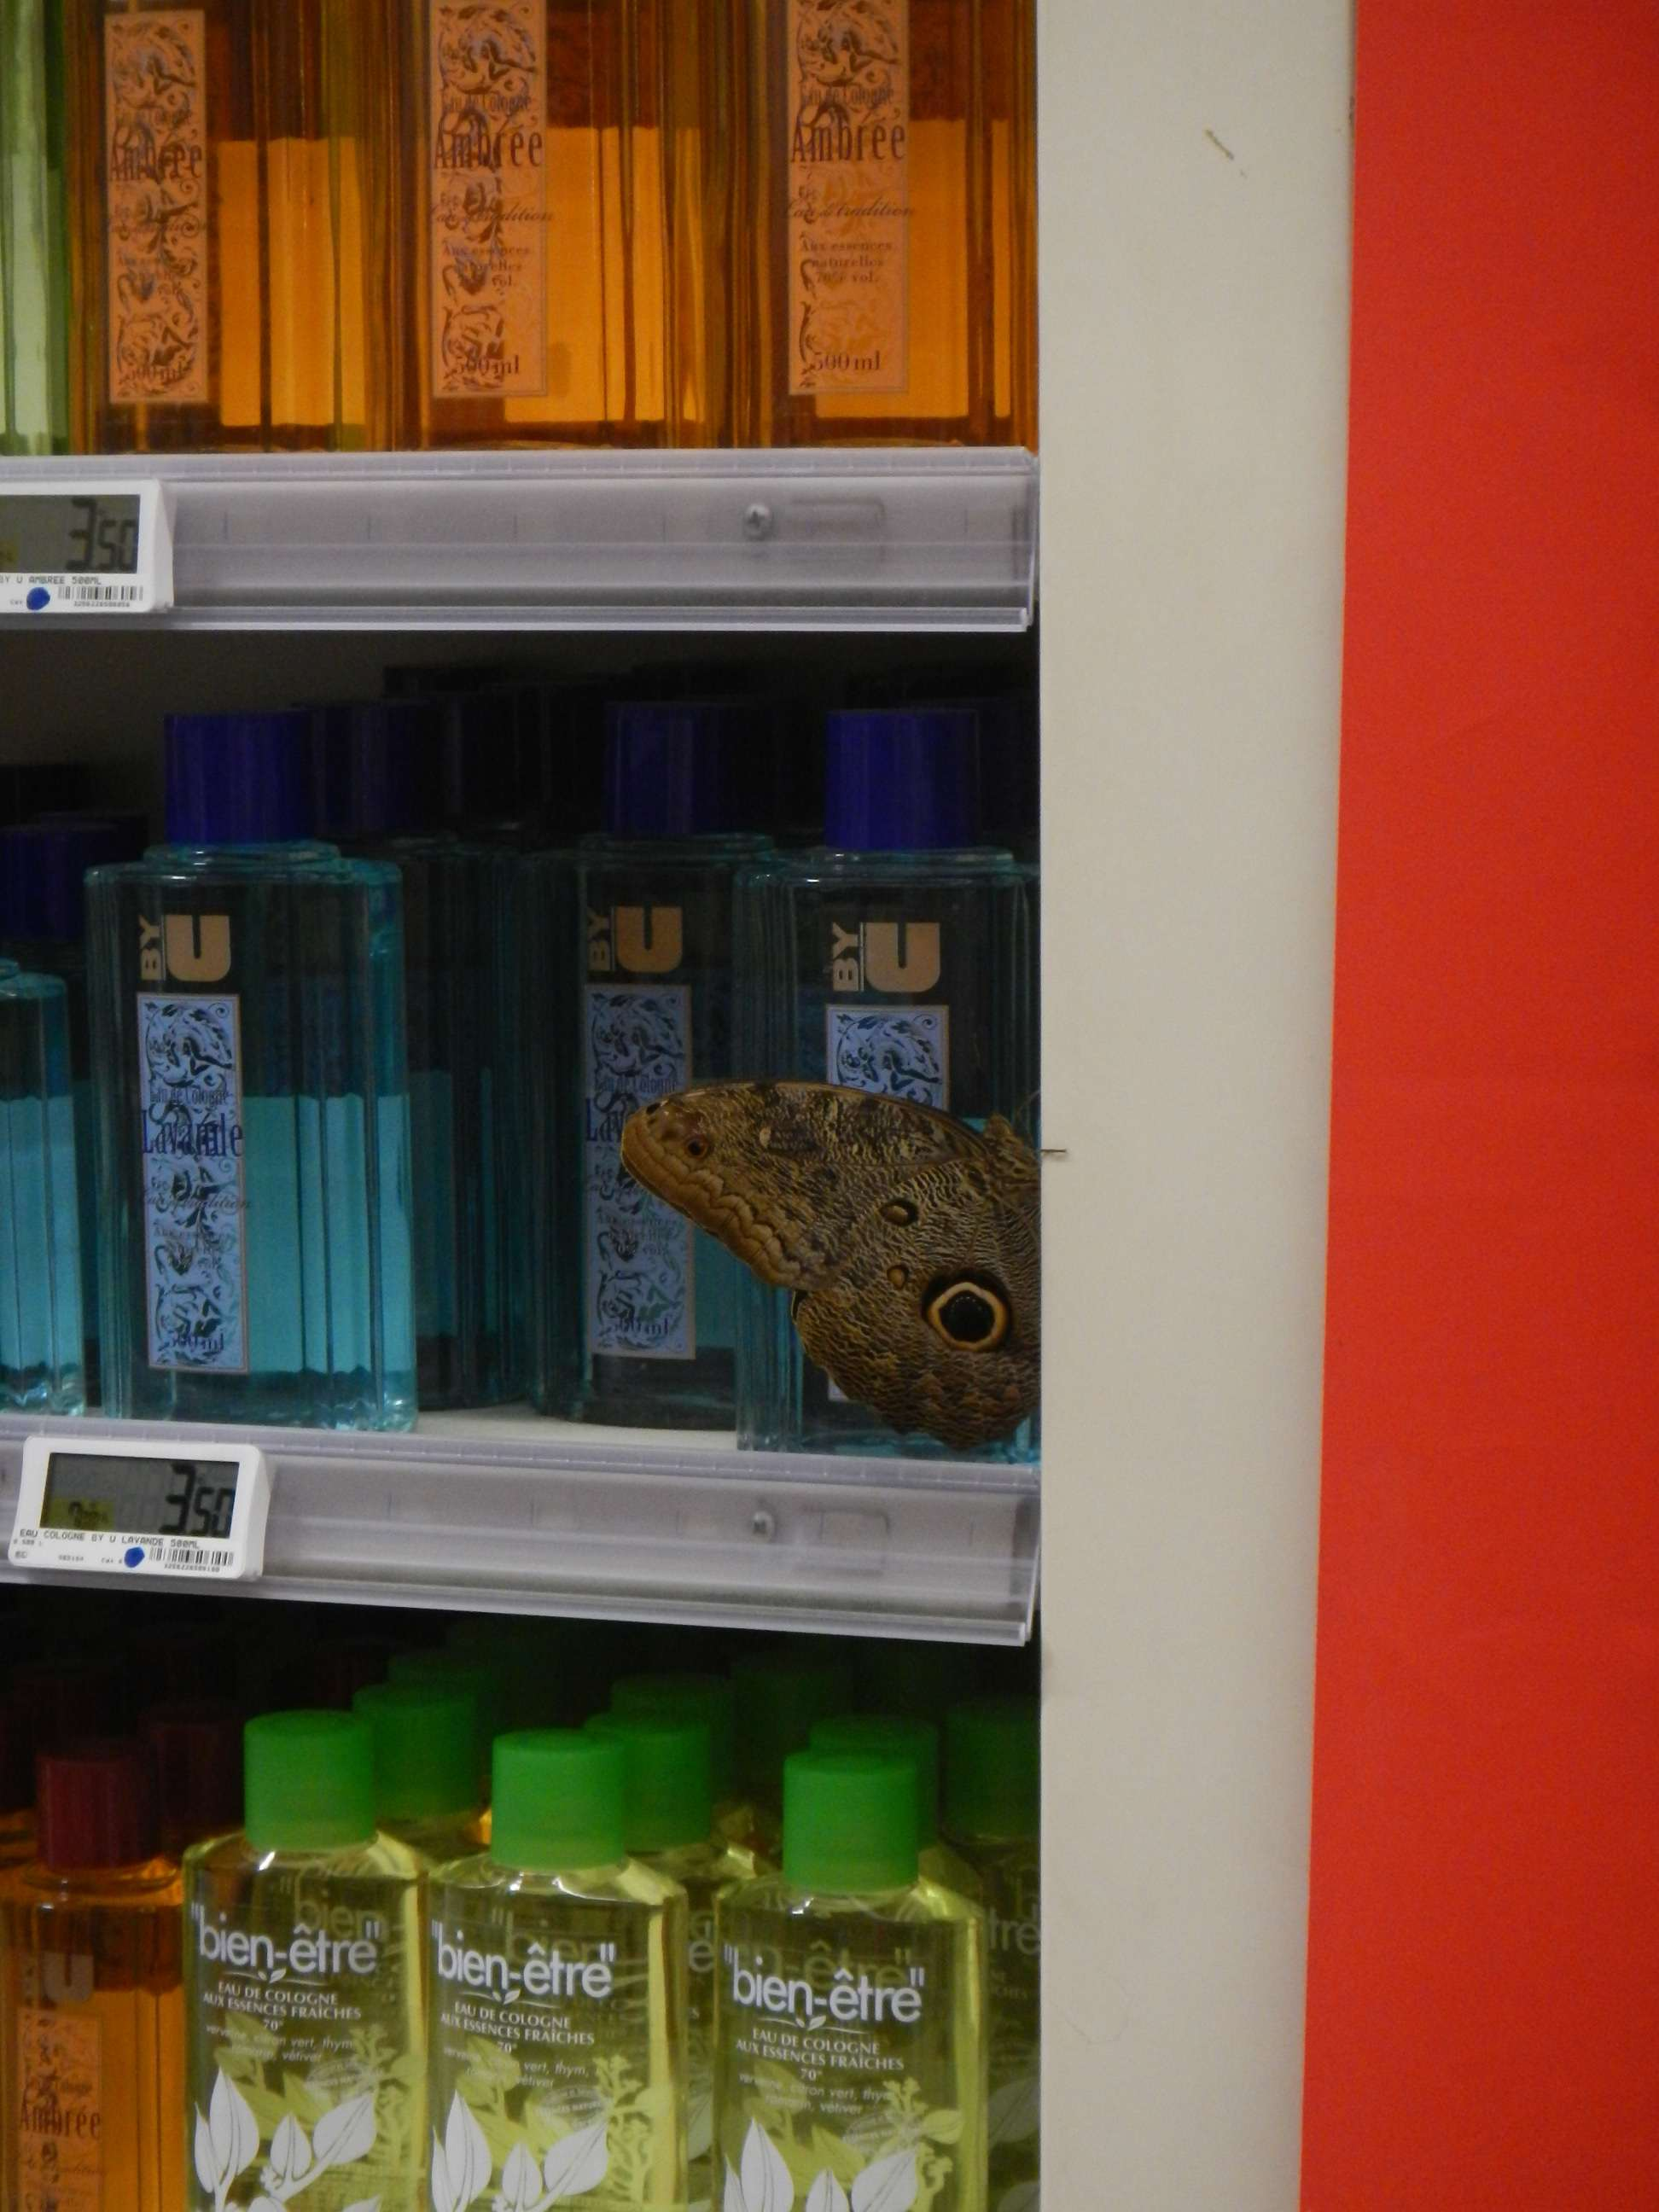 Ein Schmetterling im Supermarkt